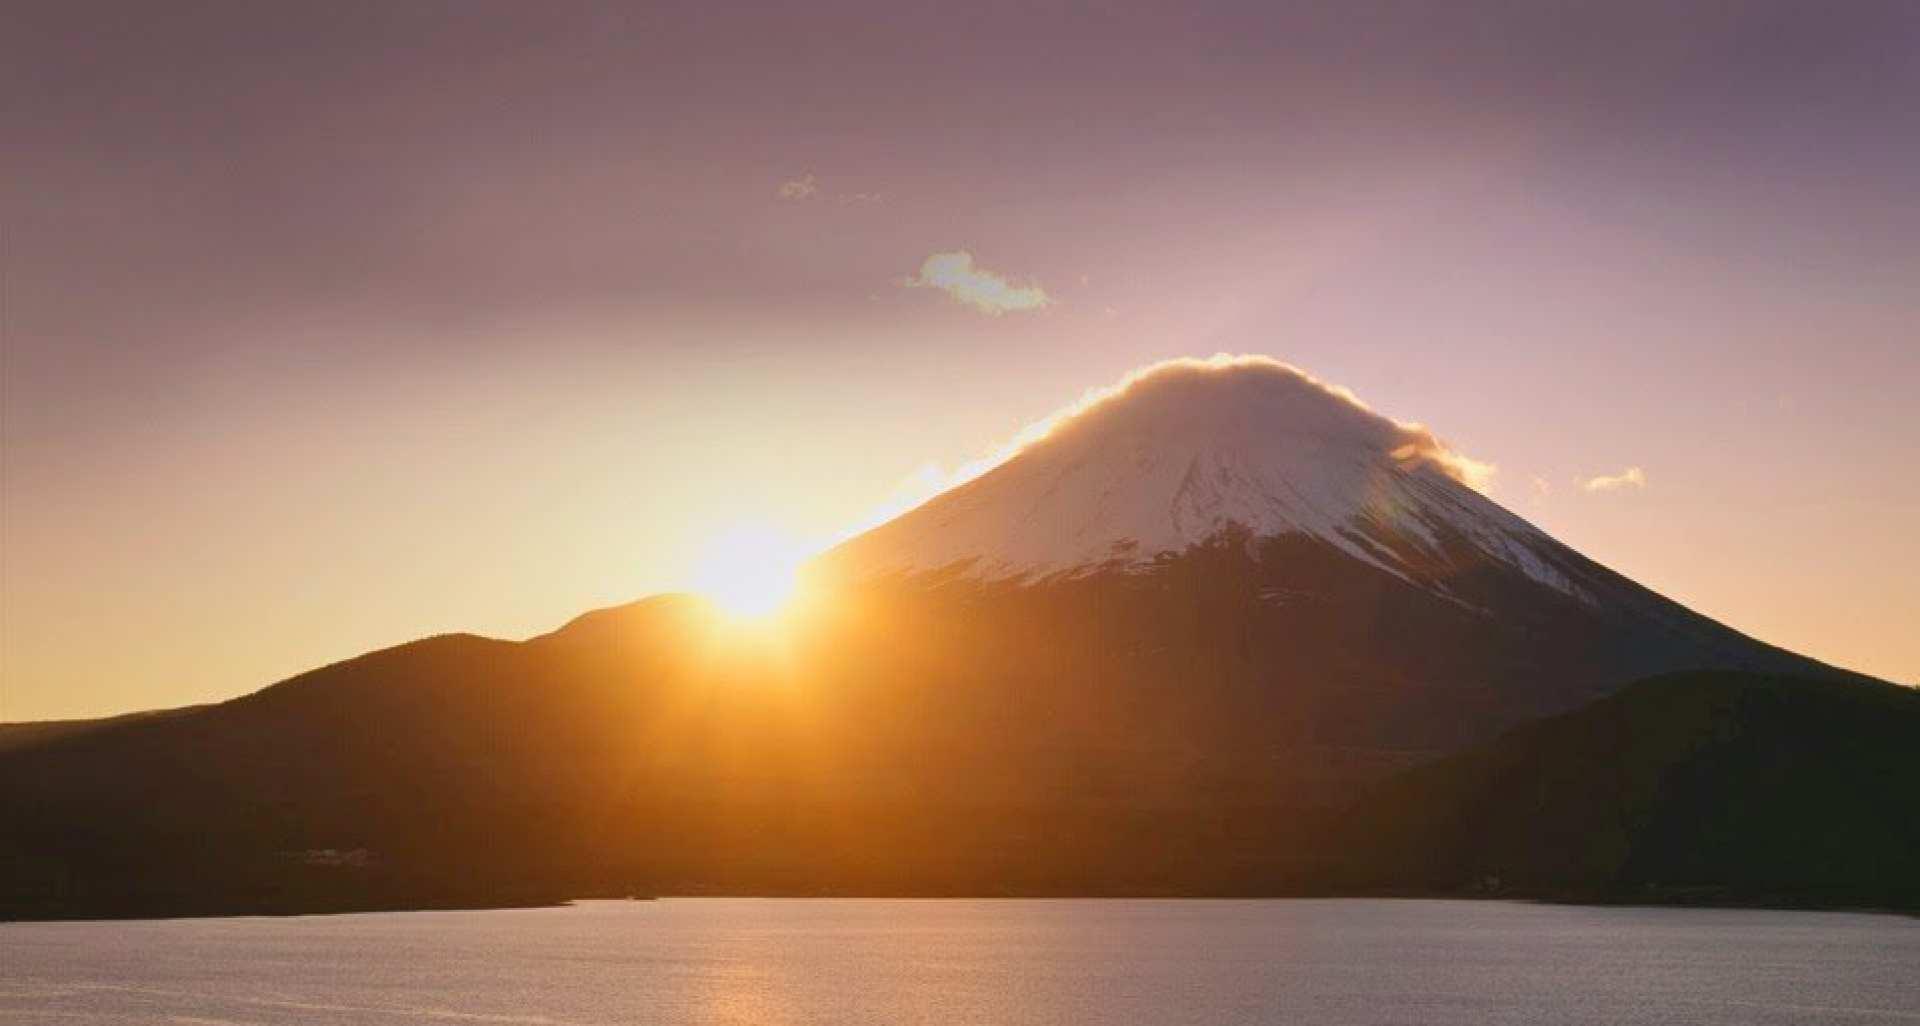 新宿発 富士山初詣・世界遺産富士山と迎える2021年元旦初日の出 初づくし日帰りバスツアー 2021年1日1日催行